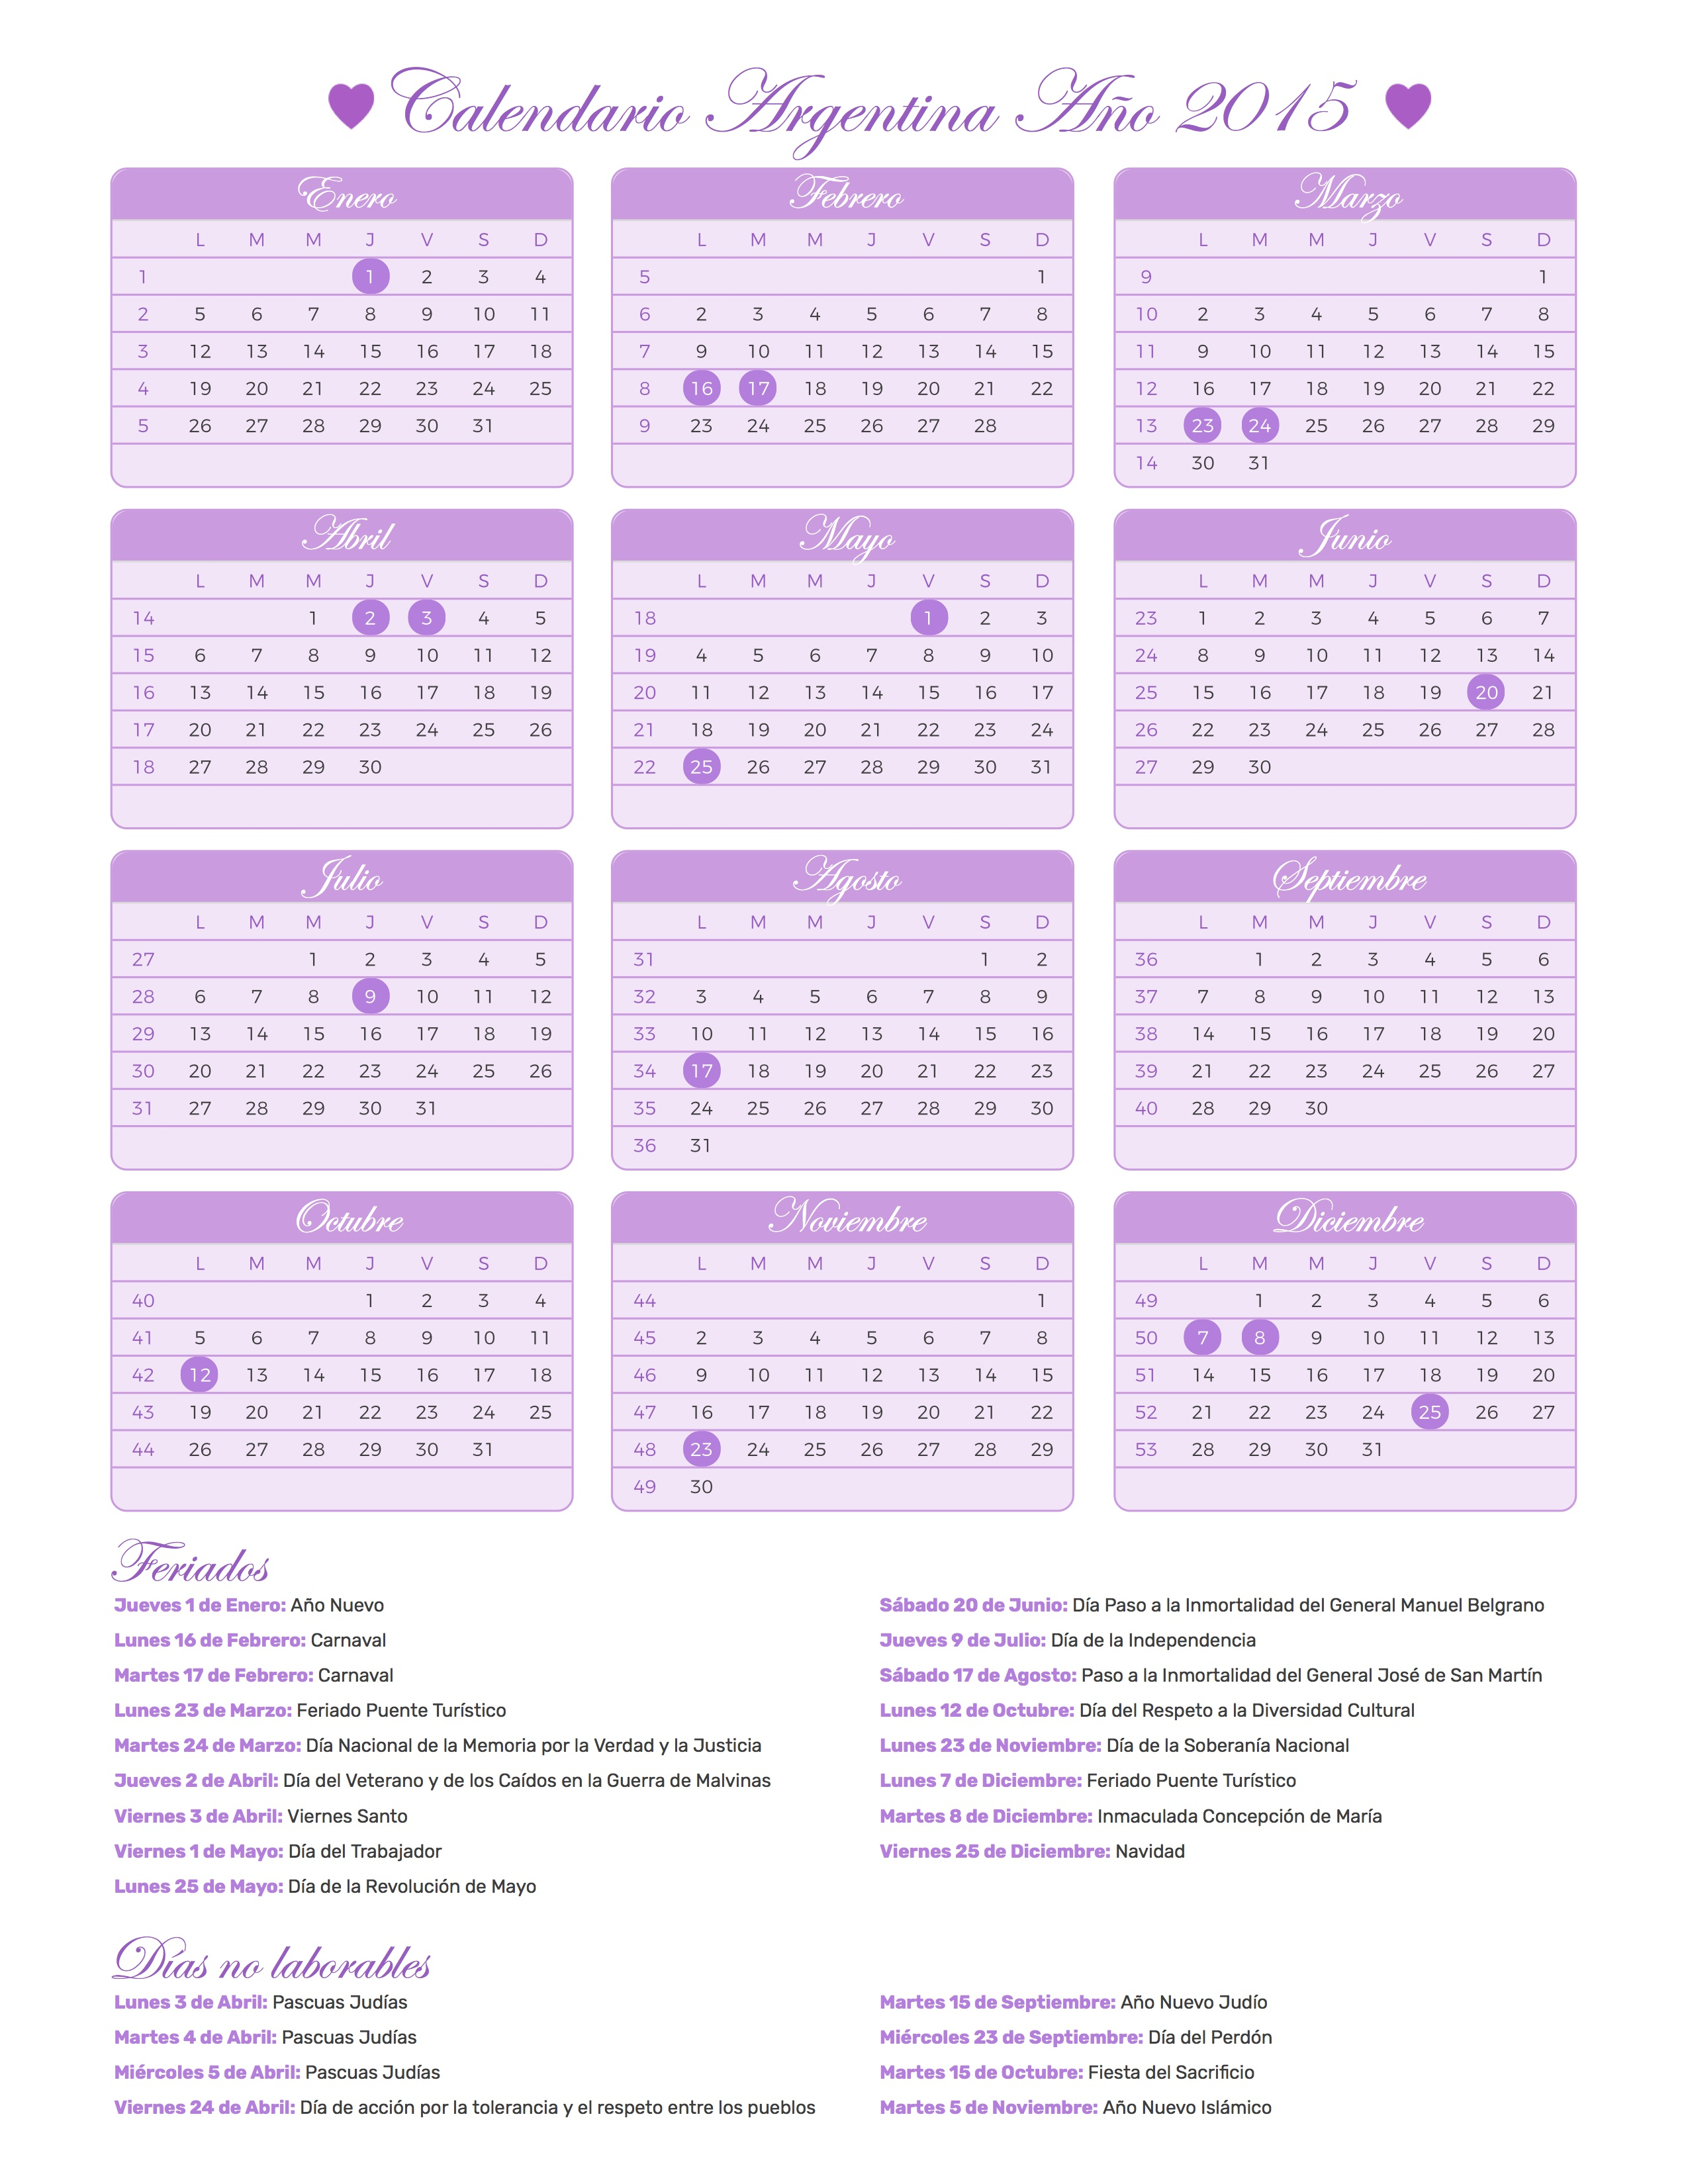 calendario argentina a u00f1o 2015